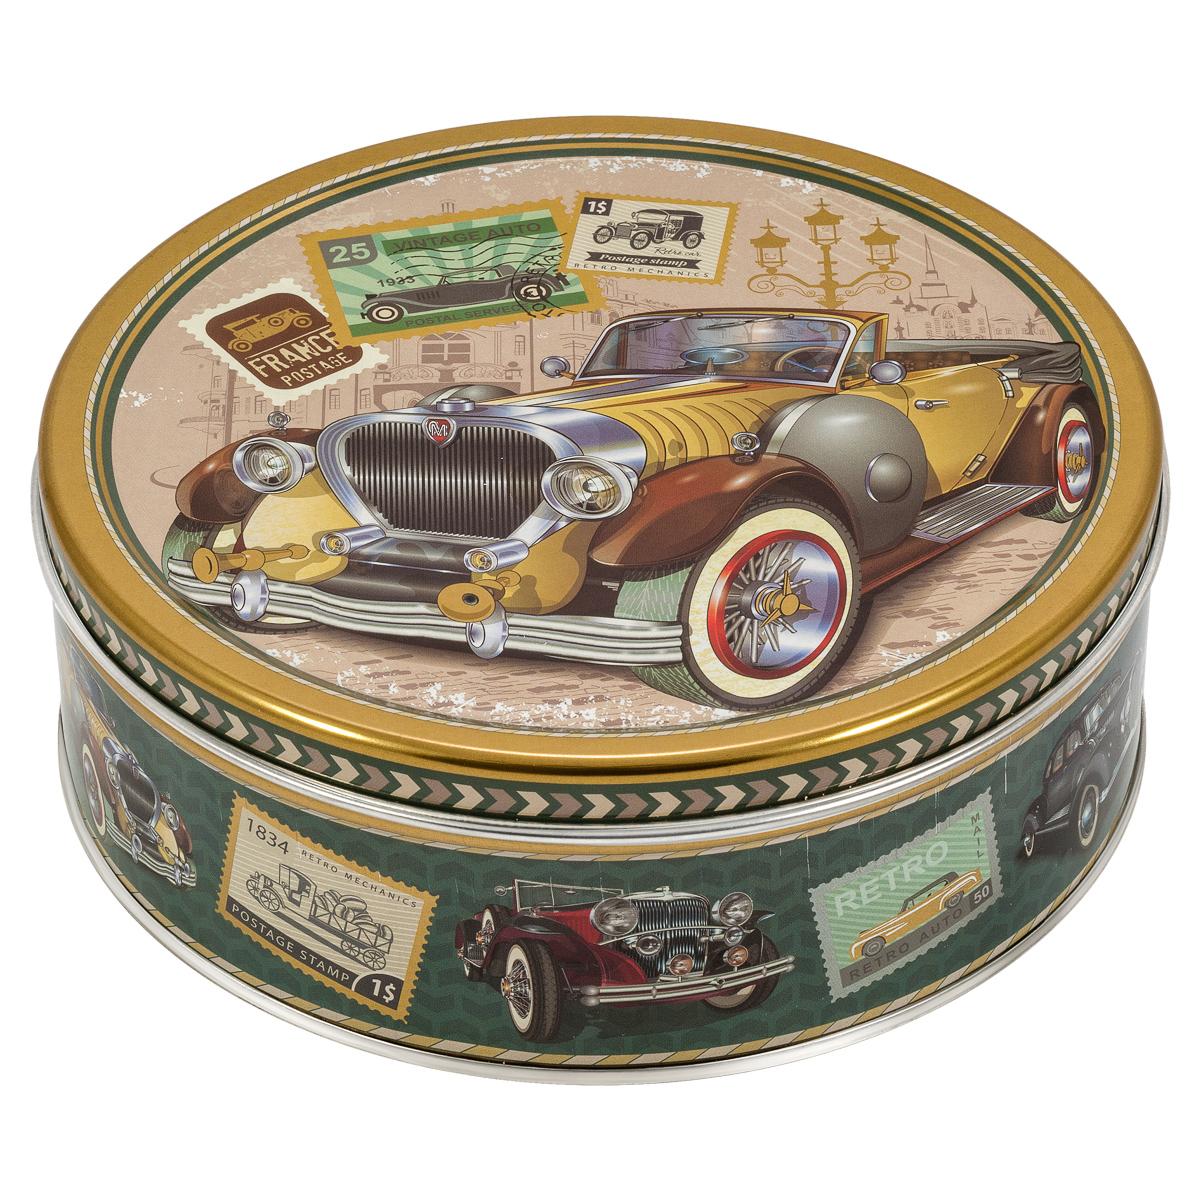 Сладкая Сказка Monte Christo Ретромобиль. Желтый кабриолет печенье со сливочным маслом, 400 г monte christo ретромобиль печенье со сливочным маслом 400 г